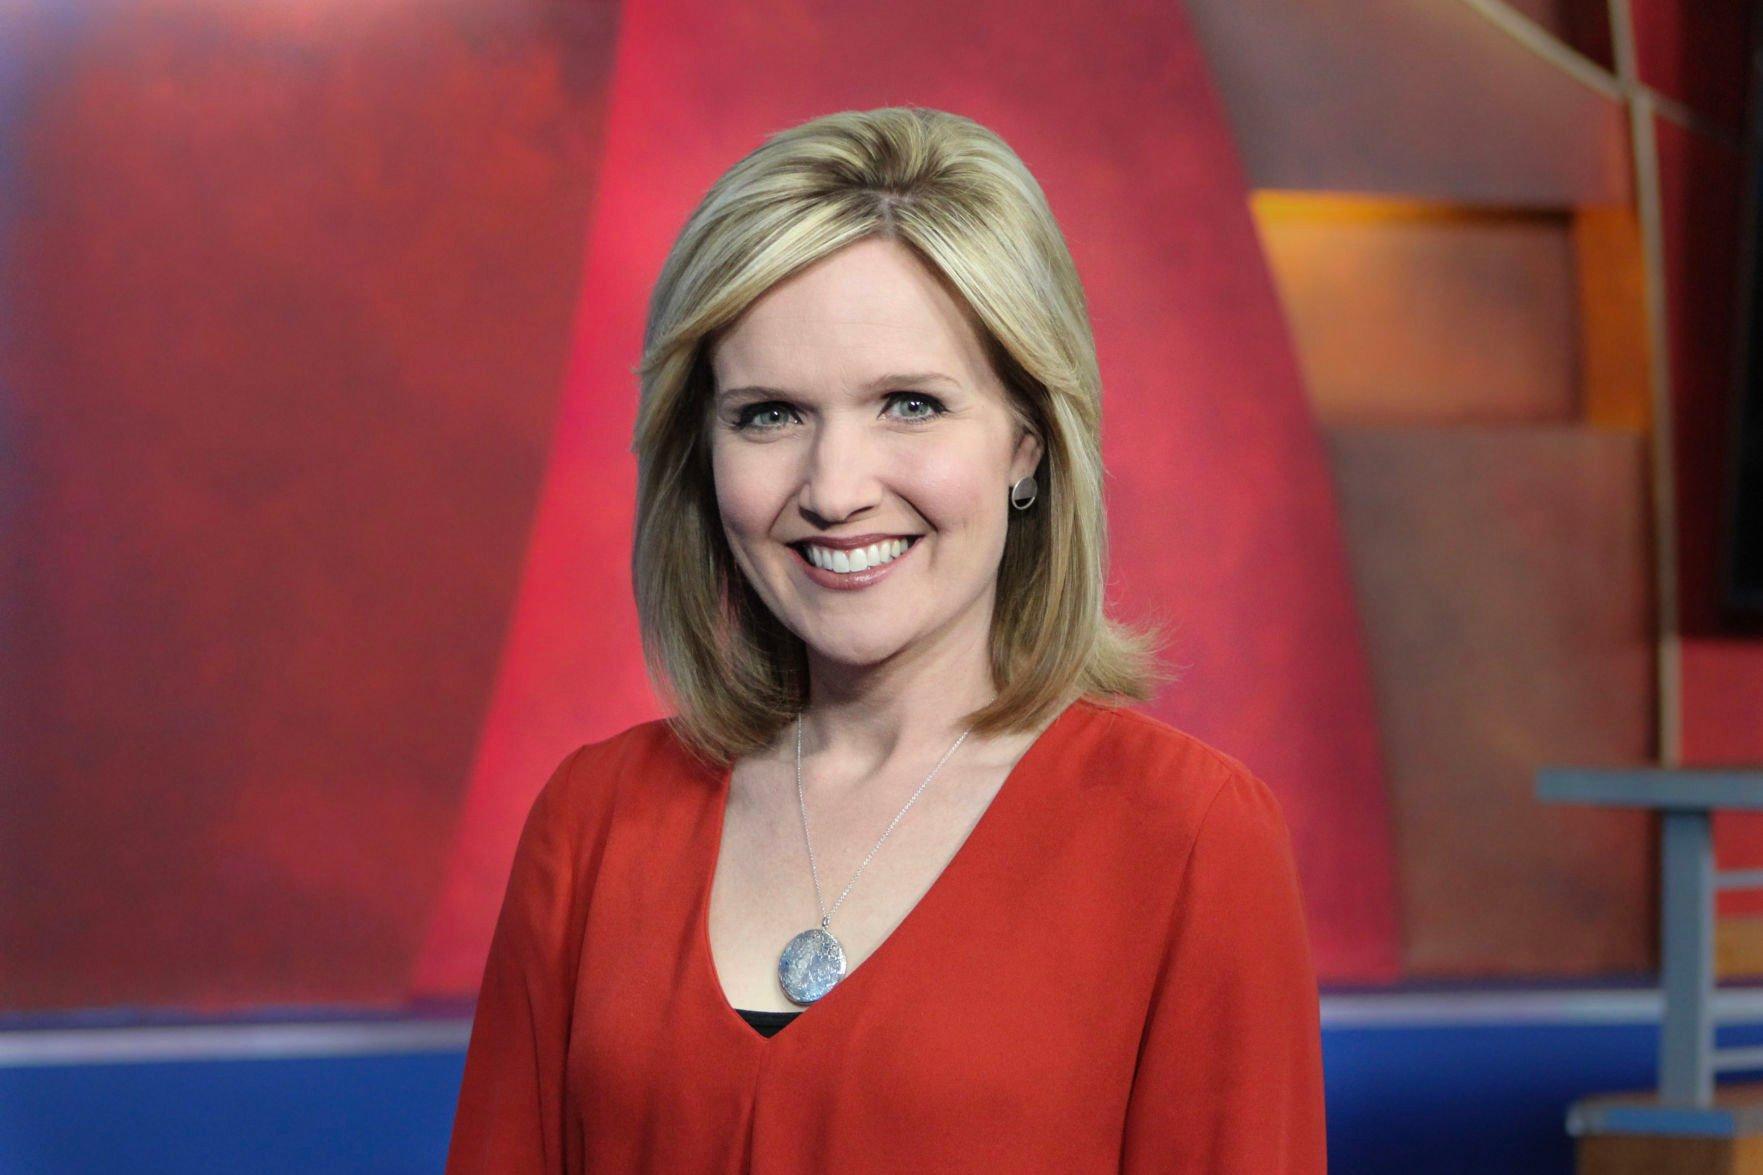 Jennifer Horbelt